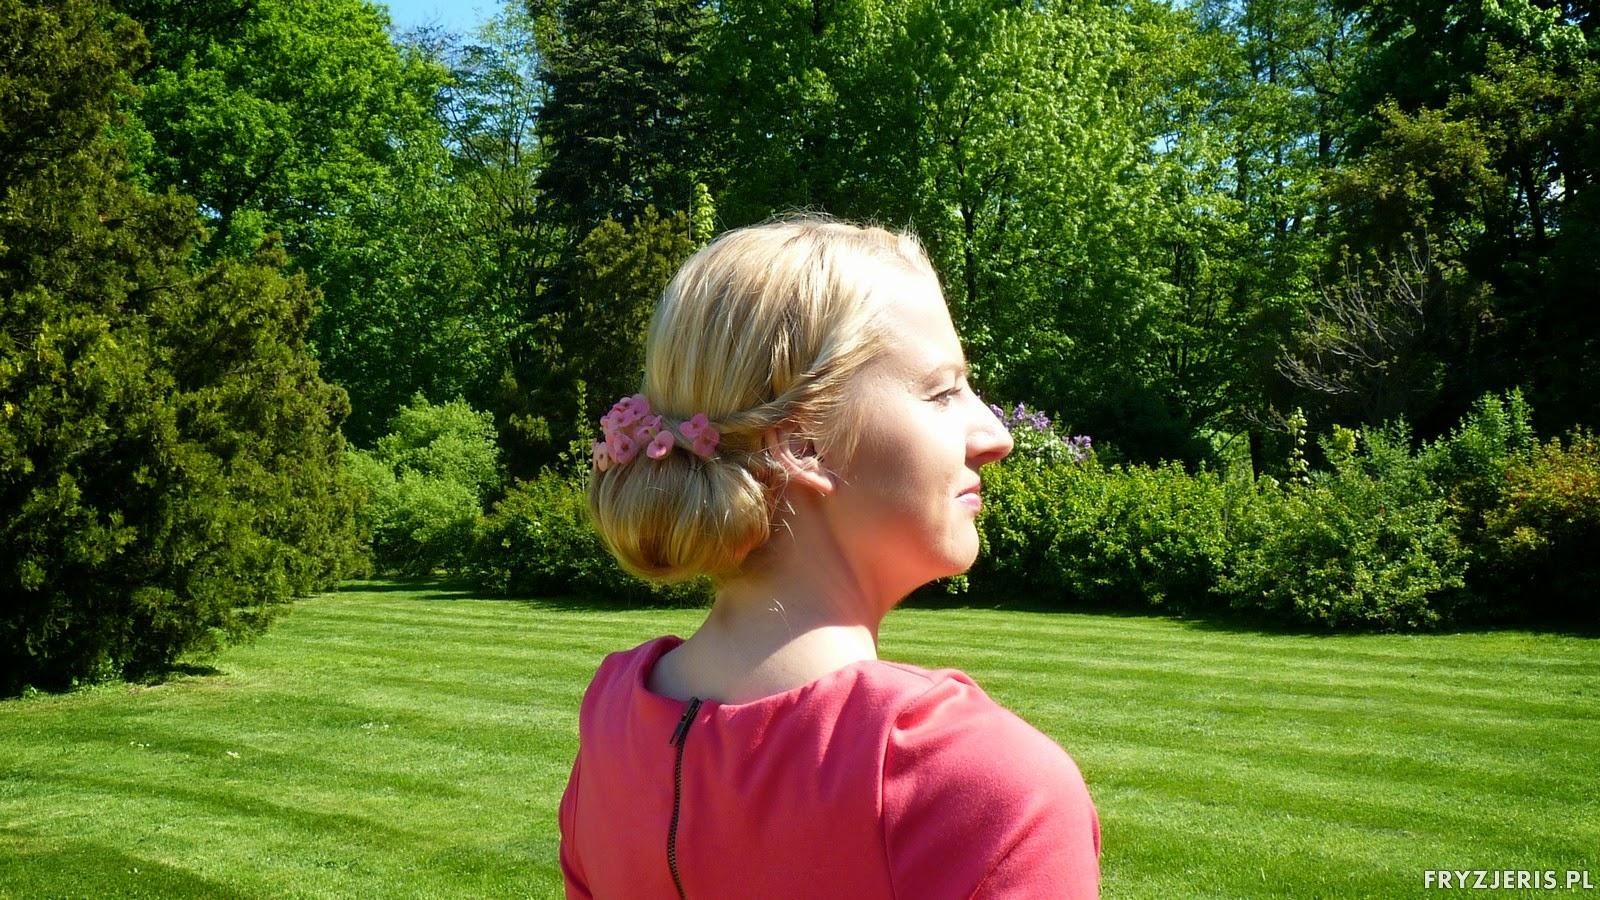 fryzury - upiecie na wypelniaczu 6